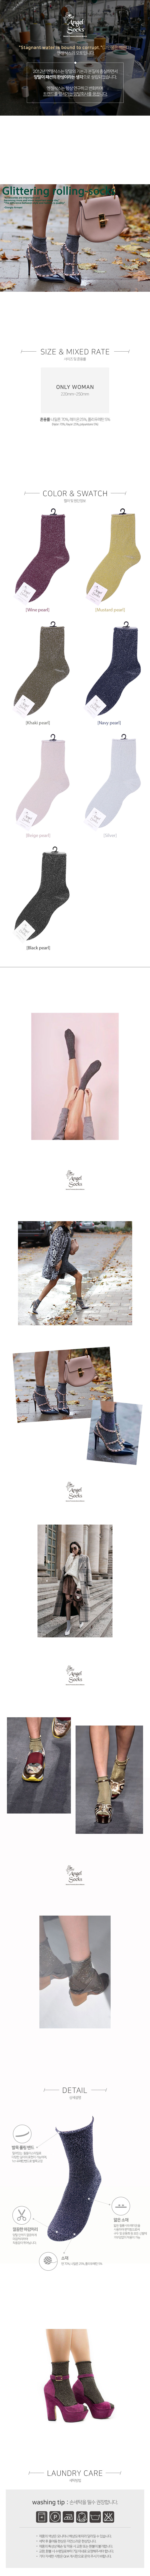 [여자]1106롱반짝이양말 - 엔젤삭스, 4,500원, 여성양말, 패션양말